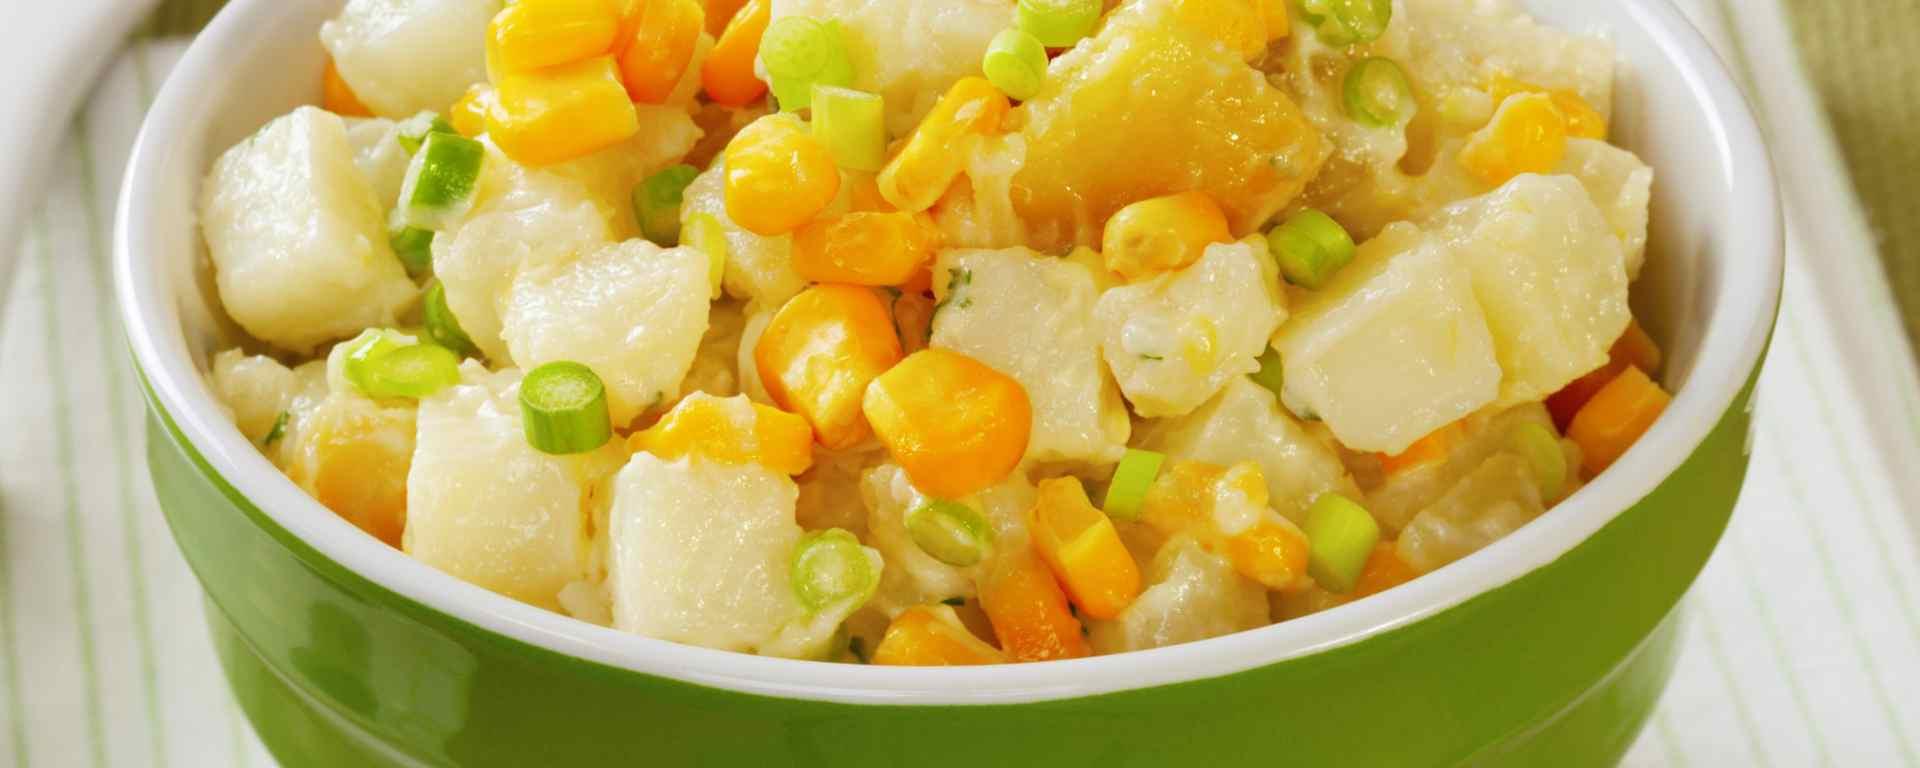 Photo for - Poêlée de maïs et de pommes de terre